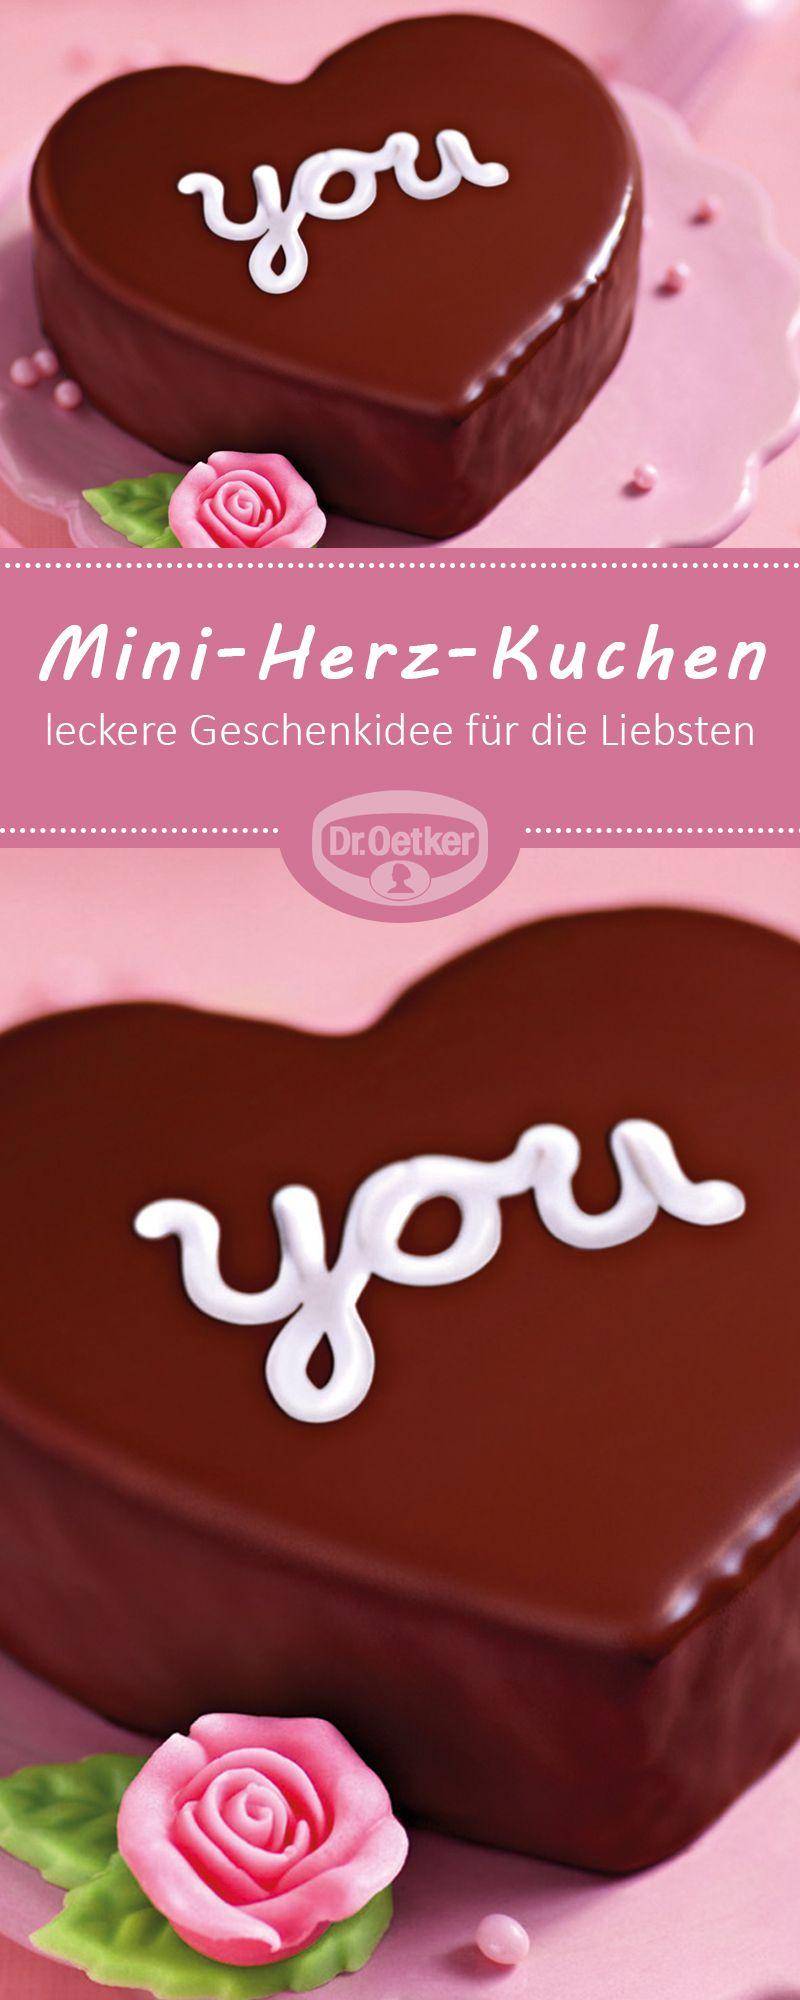 Mini-Herz-Kuchen | Rezept in 2020 | Herzkuchen, Kuchen ...